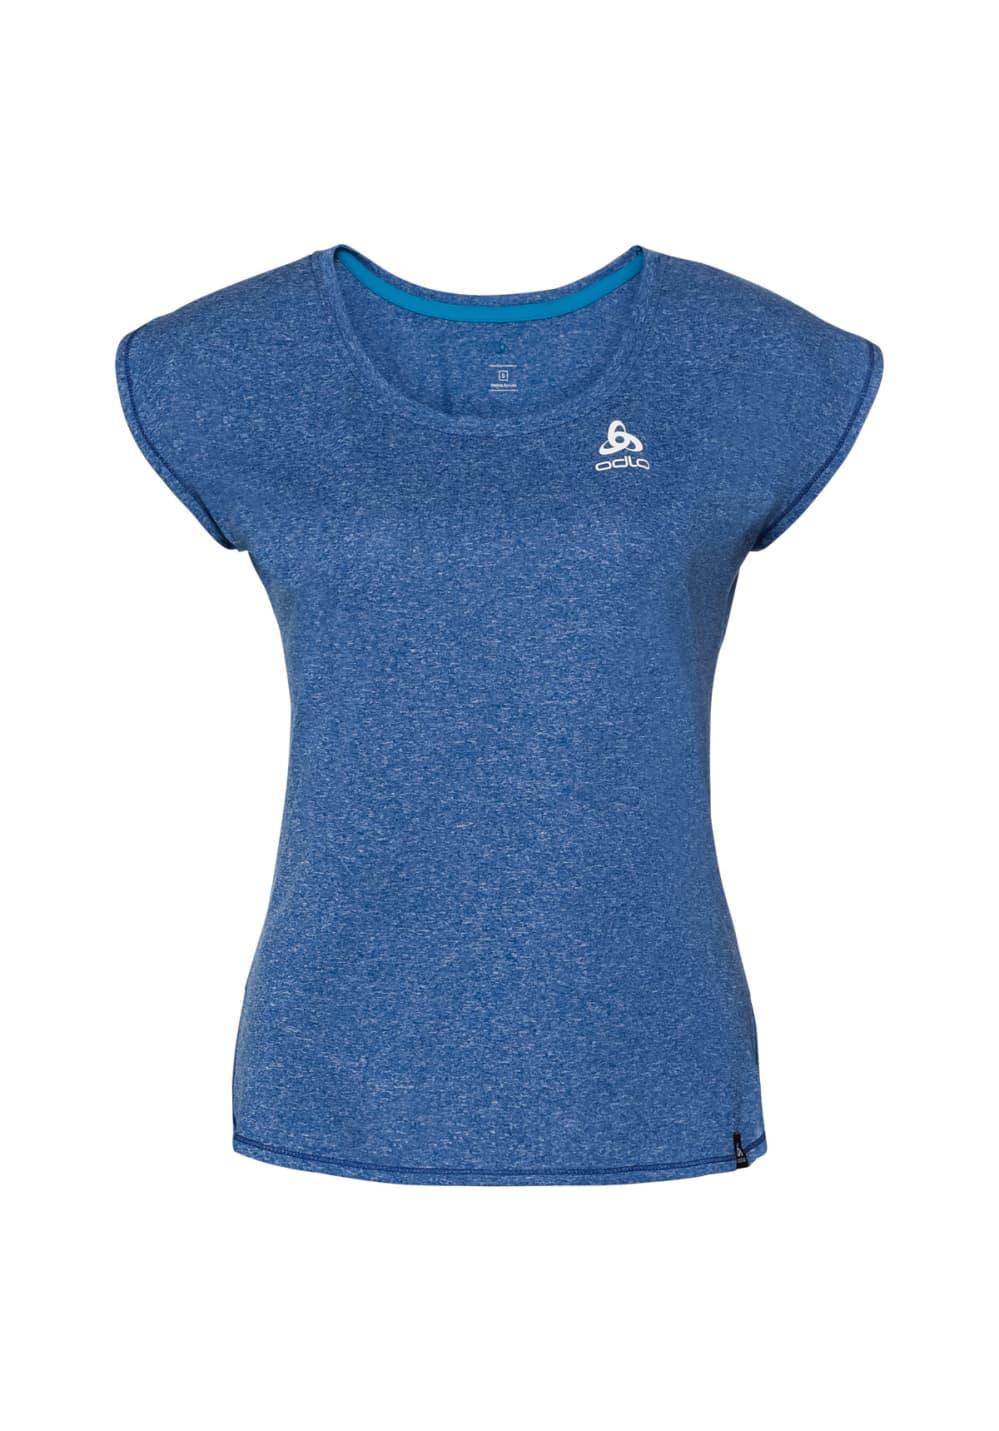 Odlo Bl Top Crew Neck S/s Helle Plain - T-Shirts für Damen - Blau, Gr. XL